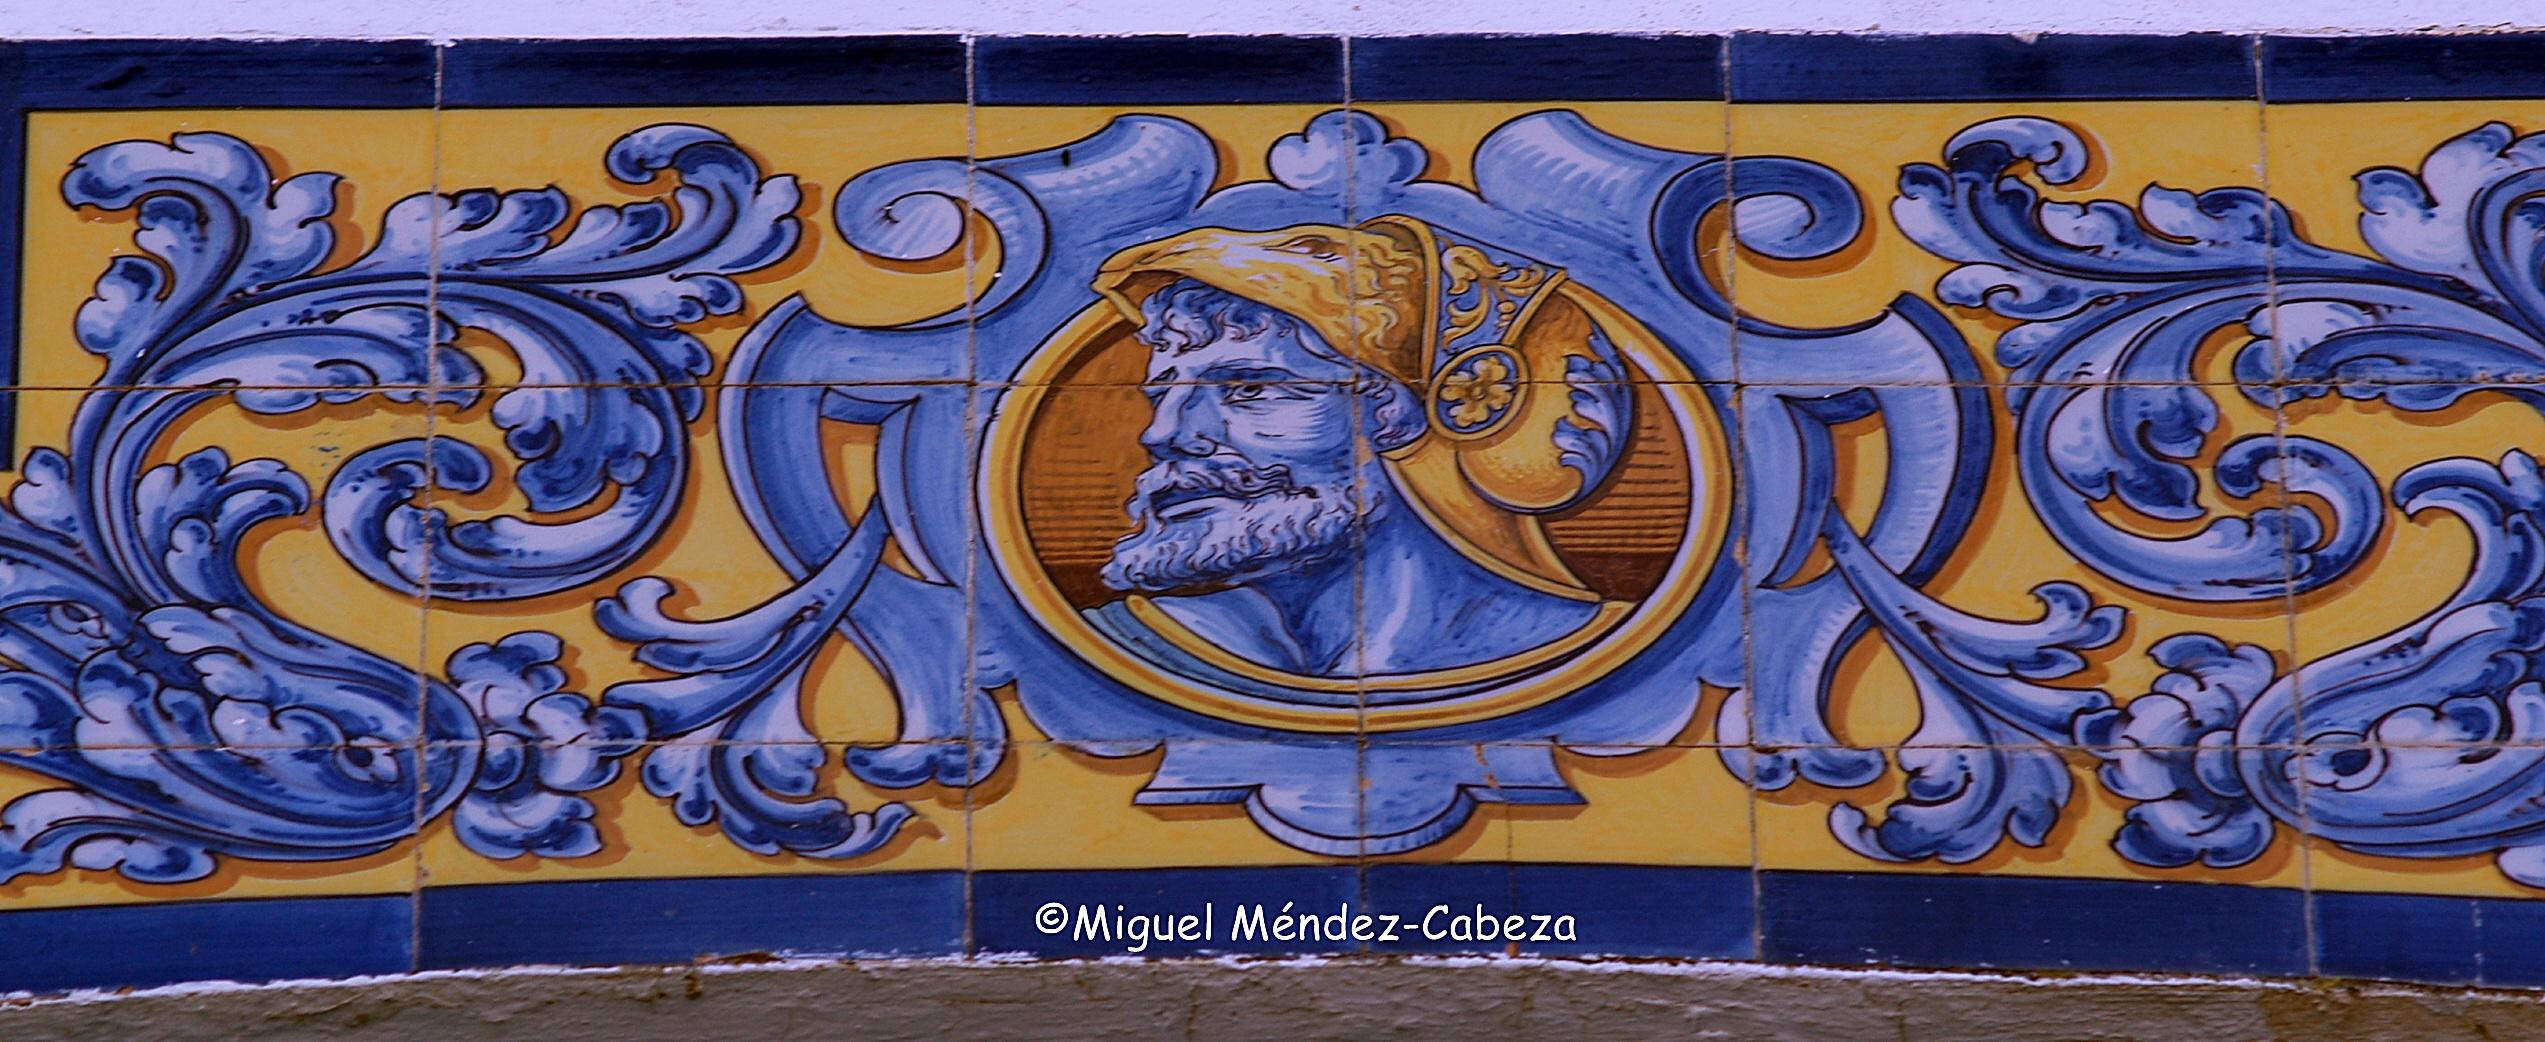 Detalle de la decoración de azulejería de Ruiz de Luna en una vevienda de Las Herencias